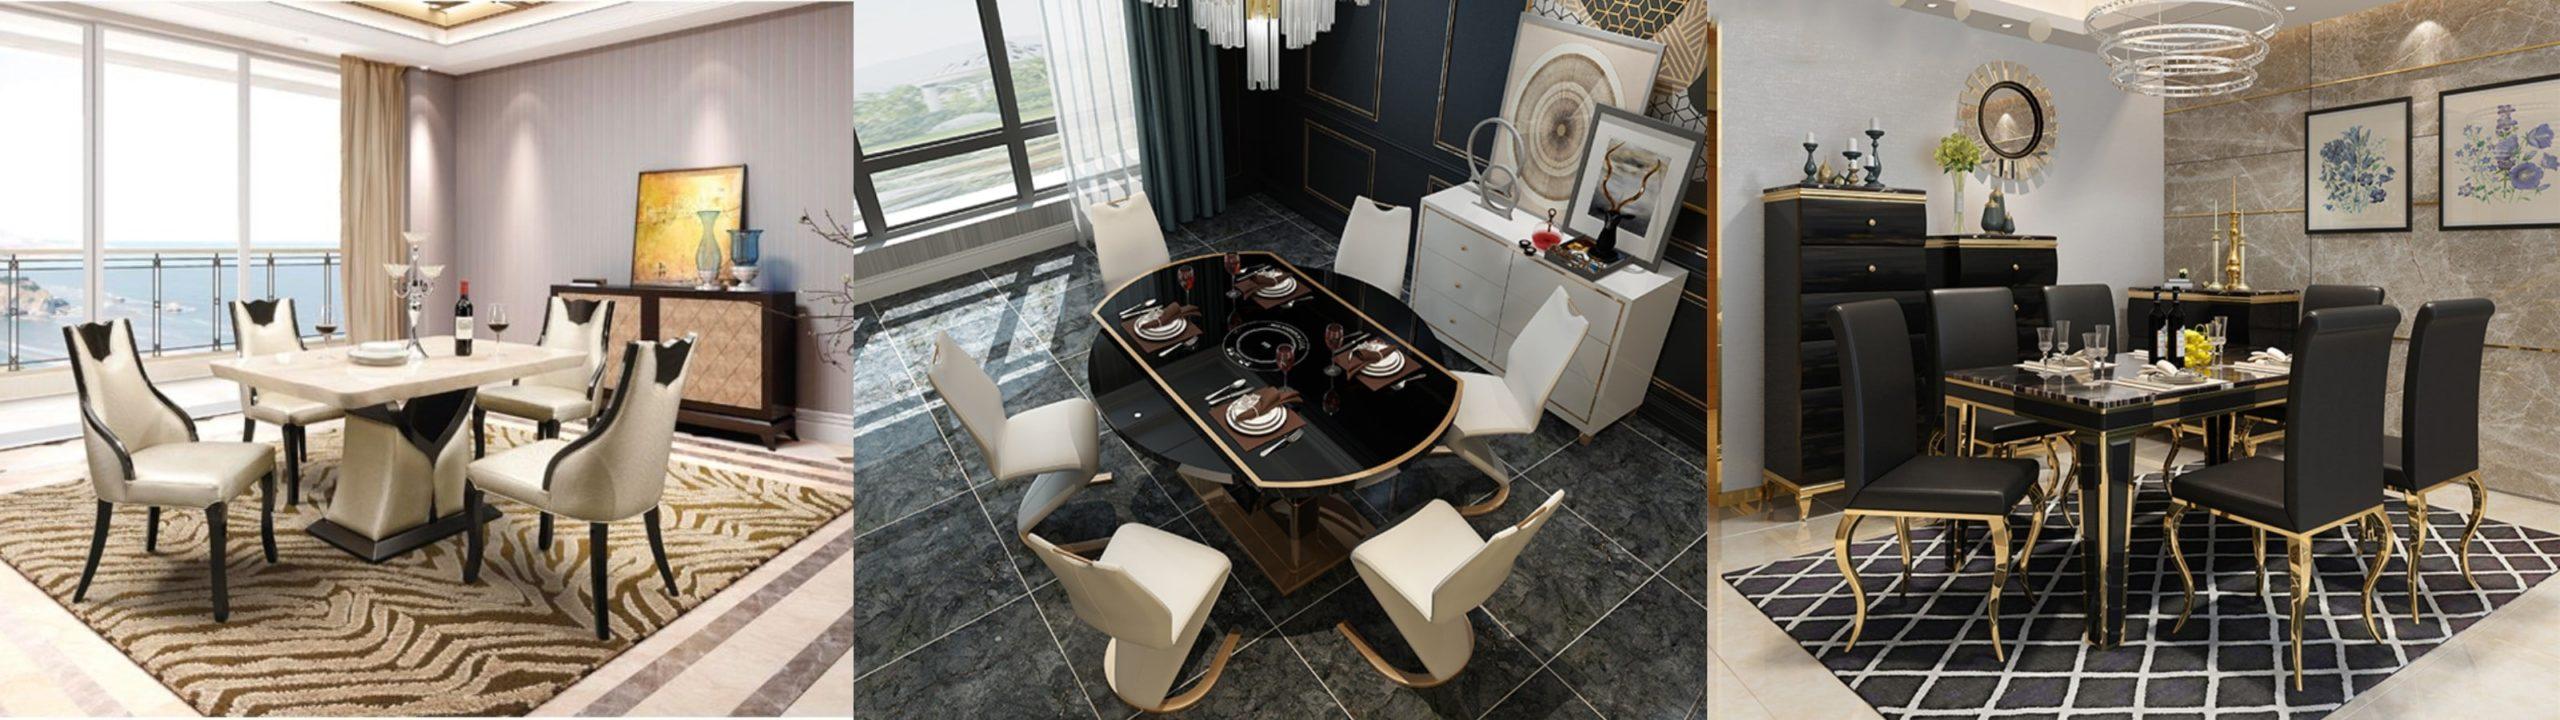 Furniture as a modern art